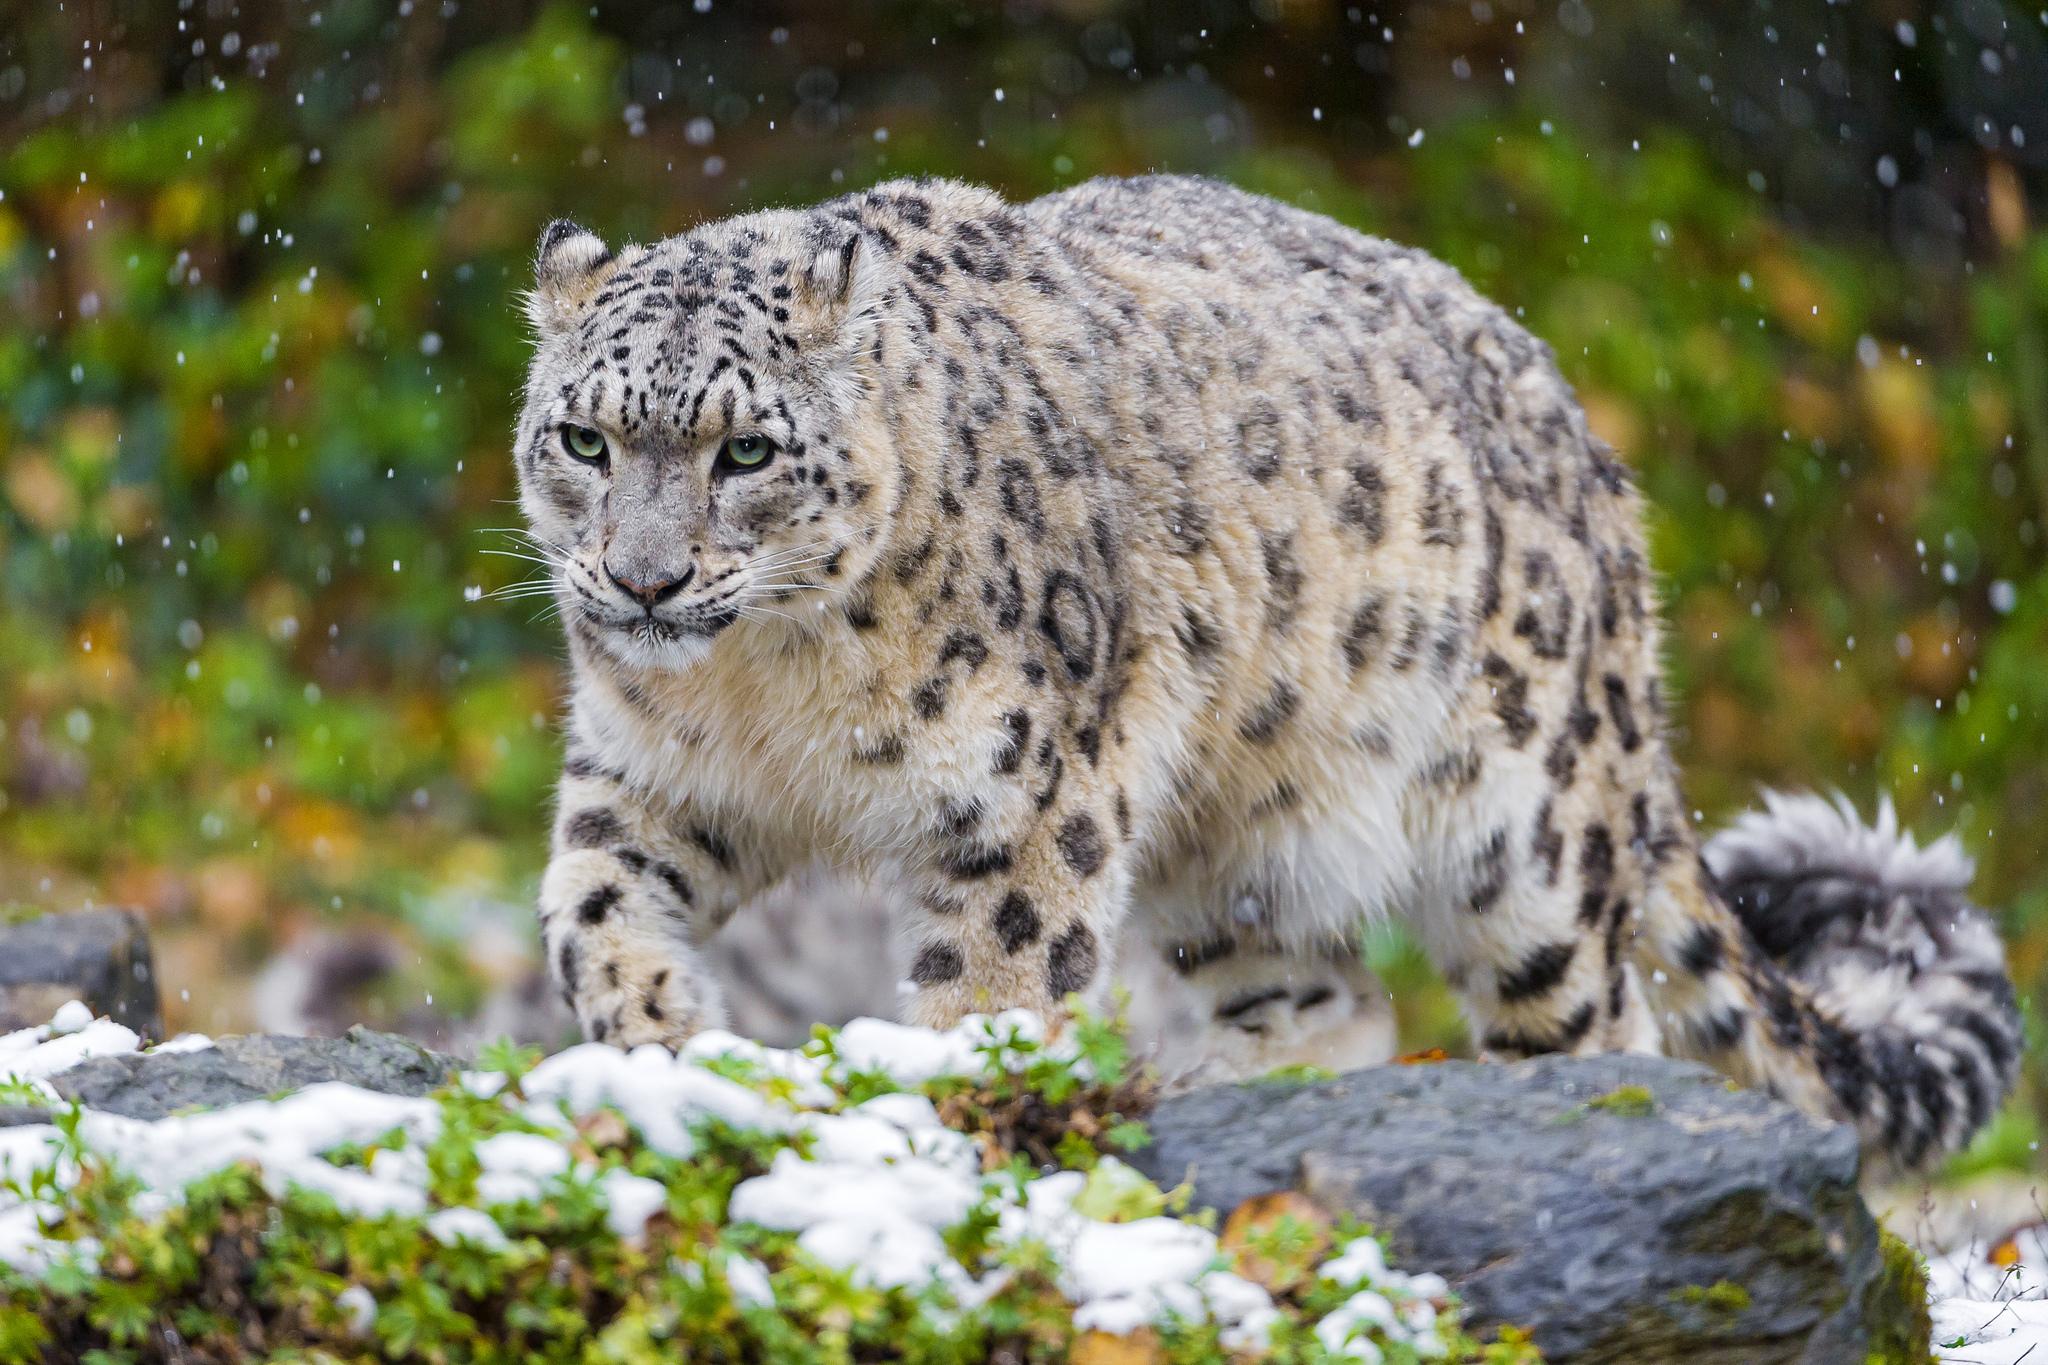 115011 Hintergrundbild herunterladen Tiere, Grass, Schneeleopard, Schnee, Katze, Raubtier, Predator, Irbis - Bildschirmschoner und Bilder kostenlos